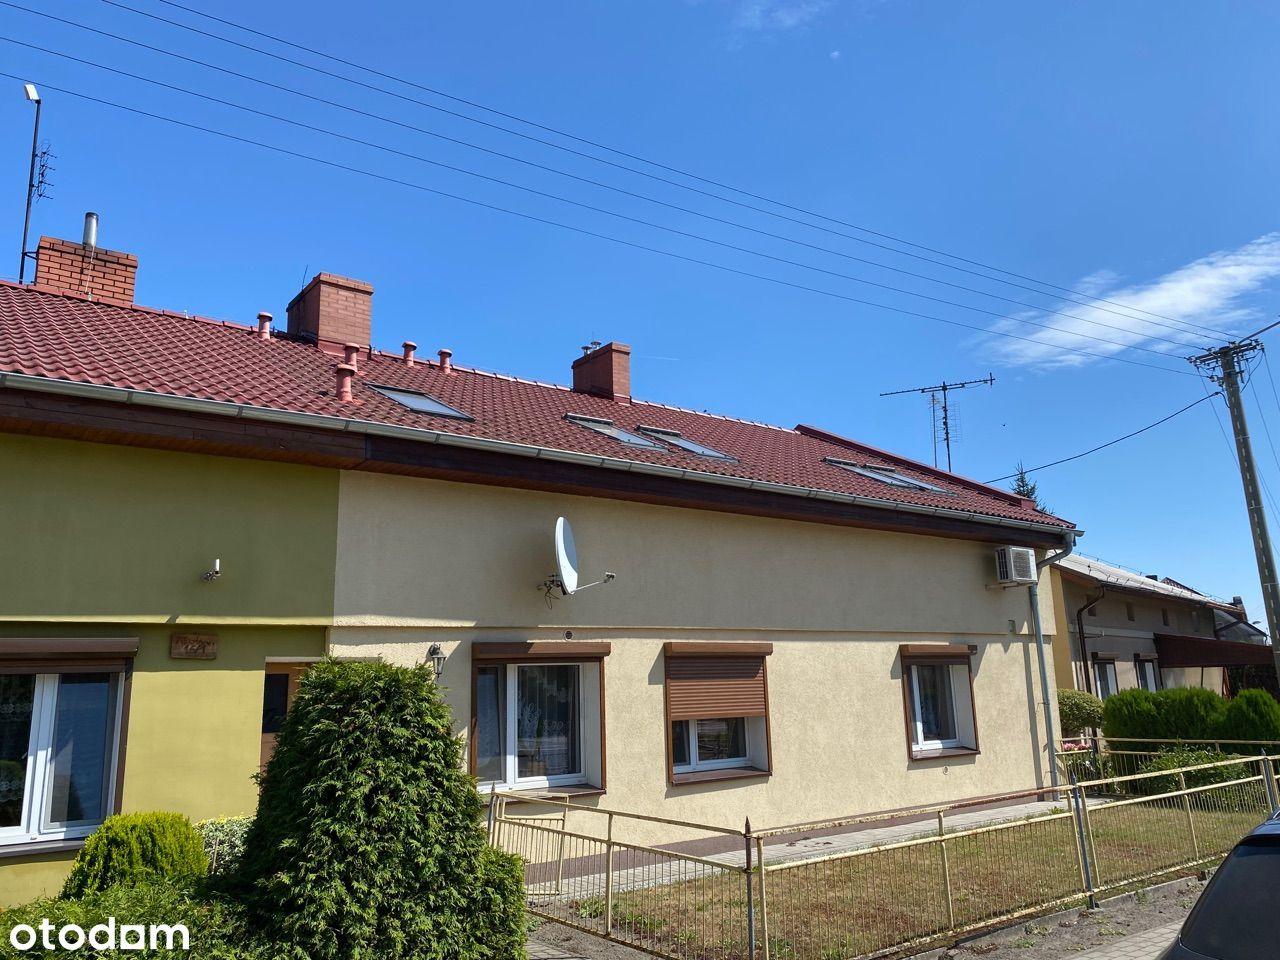 Duże mieszkanie z potencjałem 20 min od Poznania